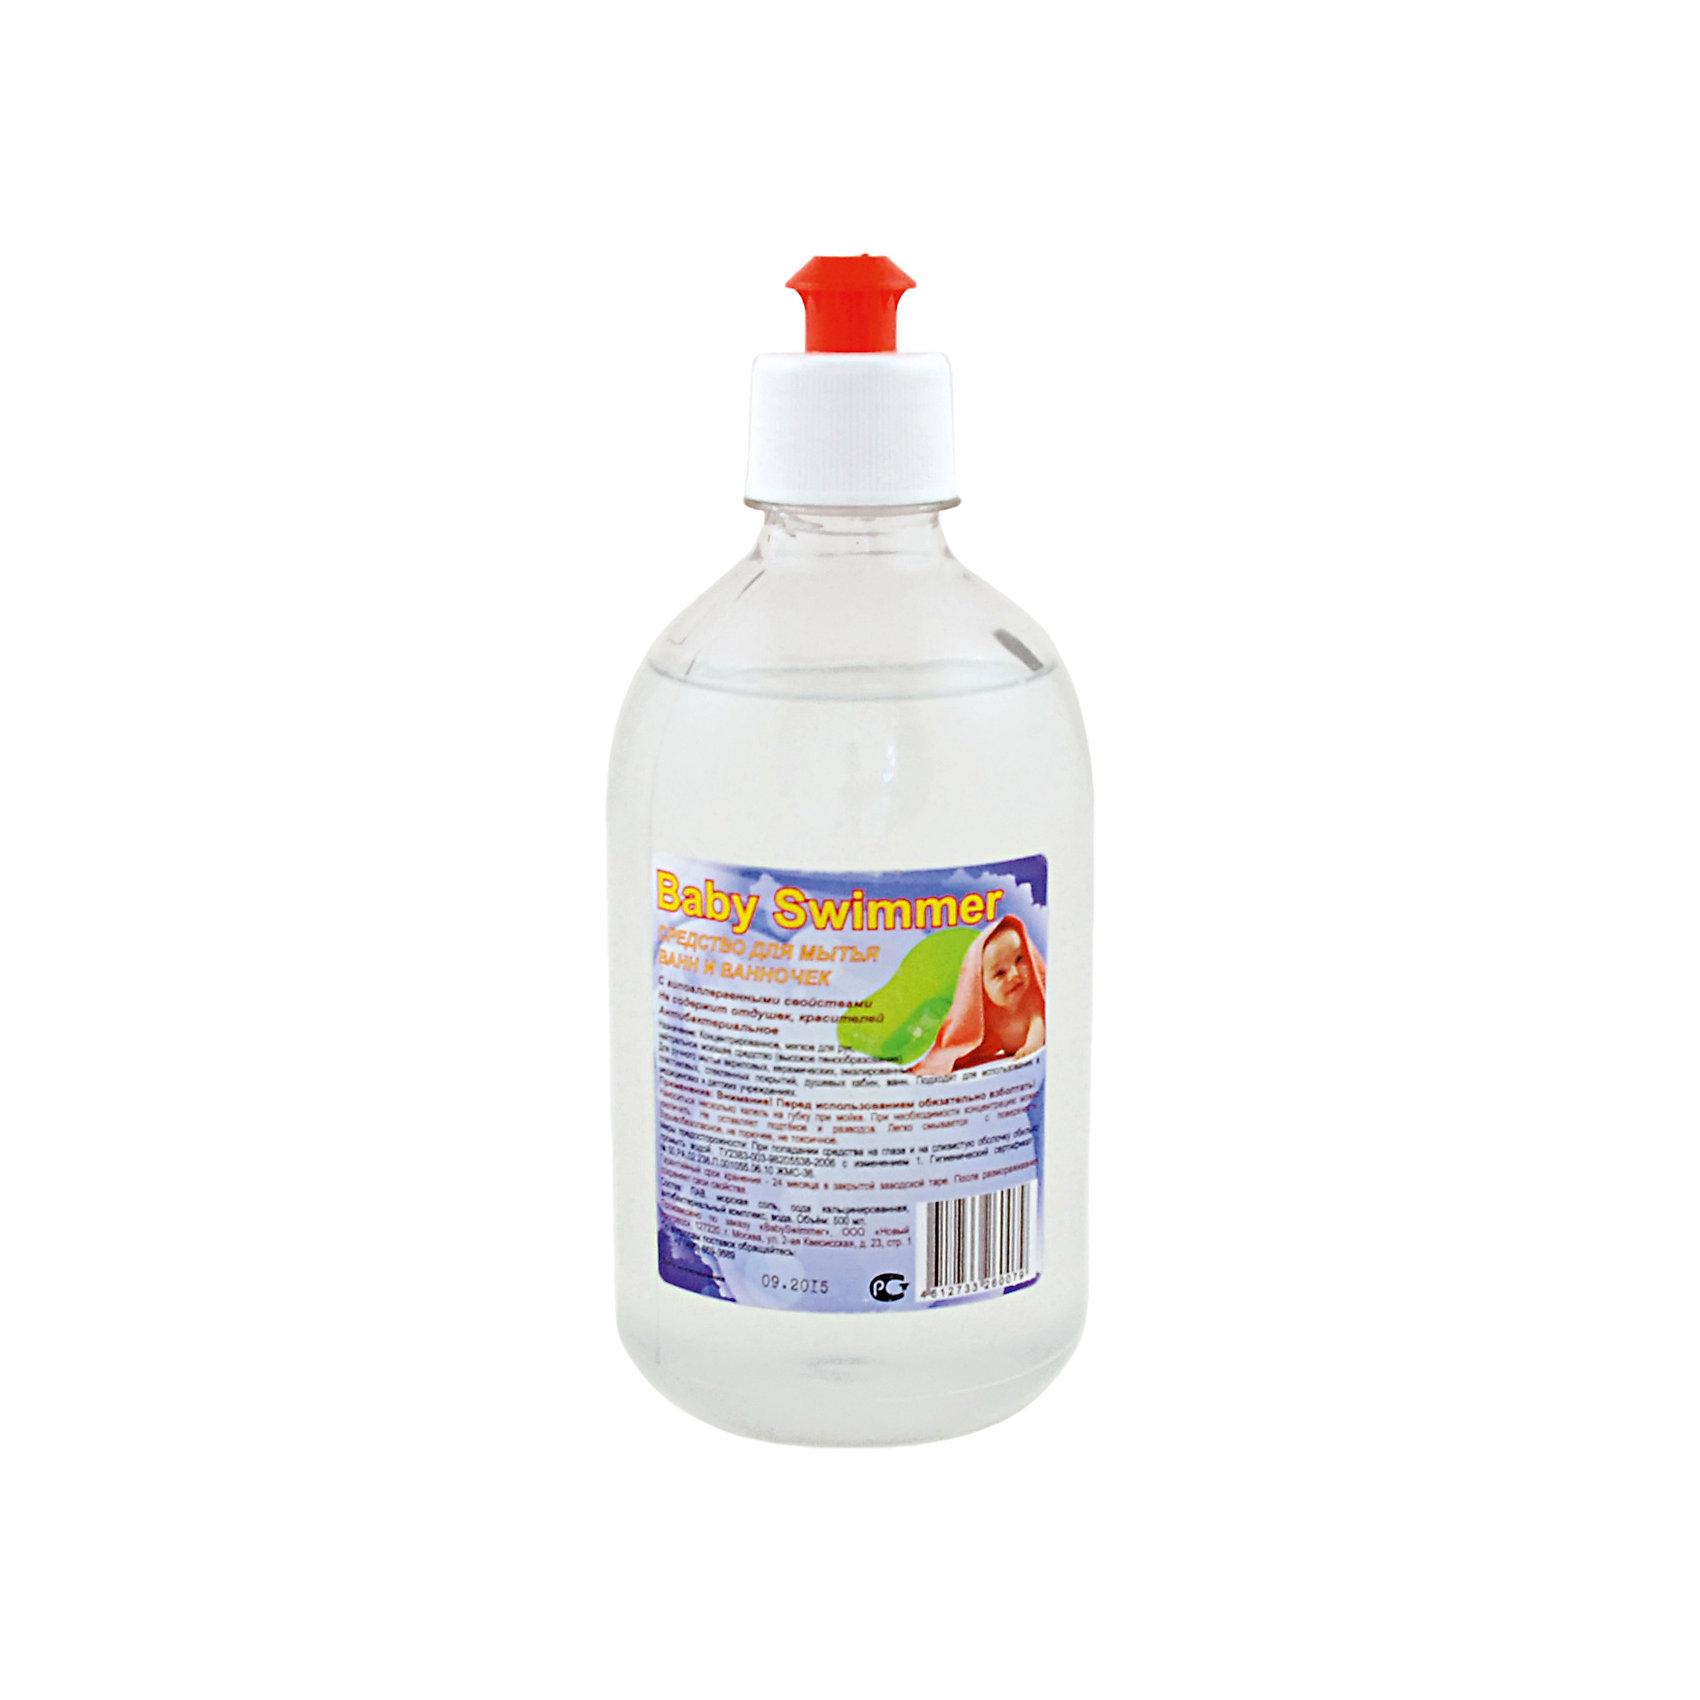 Жидкое средство для мытья ванночек Baby Swimmer, 500 млБытовая химия<br>Химические средства для уборки опасны не только для детской кожи, но и для взрослых. Важно, чтобы средство для очищения ванночек имело минимальное воздействие на кожу малыша или отсутствовало. Средство от производителя Baby Swimmer настоящий экологически чистый продукт для уборки. Жидкость абсолютно не имеет ароматических добавок и обладает нейтральным запахом. Синтетические добавки отсутствуют. Жидкость дезинфицирует, очищает ванночку и дополнительно придает антибактериальные свойства. Все компоненты вещества биоразлагаемы. Средство полностью смывается водой, не оставляя следов на поверхности ванночки.<br><br>Дополнительная информация:<br><br>объем: 800мл;<br>срок хранения: 1 год.<br><br>Жидкое средство для мытья ванночек Baby Swimmer можно приобрести в нашем магазине.<br><br>Ширина мм: 75<br>Глубина мм: 75<br>Высота мм: 175<br>Вес г: 530<br>Возраст от месяцев: 0<br>Возраст до месяцев: 36<br>Пол: Унисекс<br>Возраст: Детский<br>SKU: 4968126